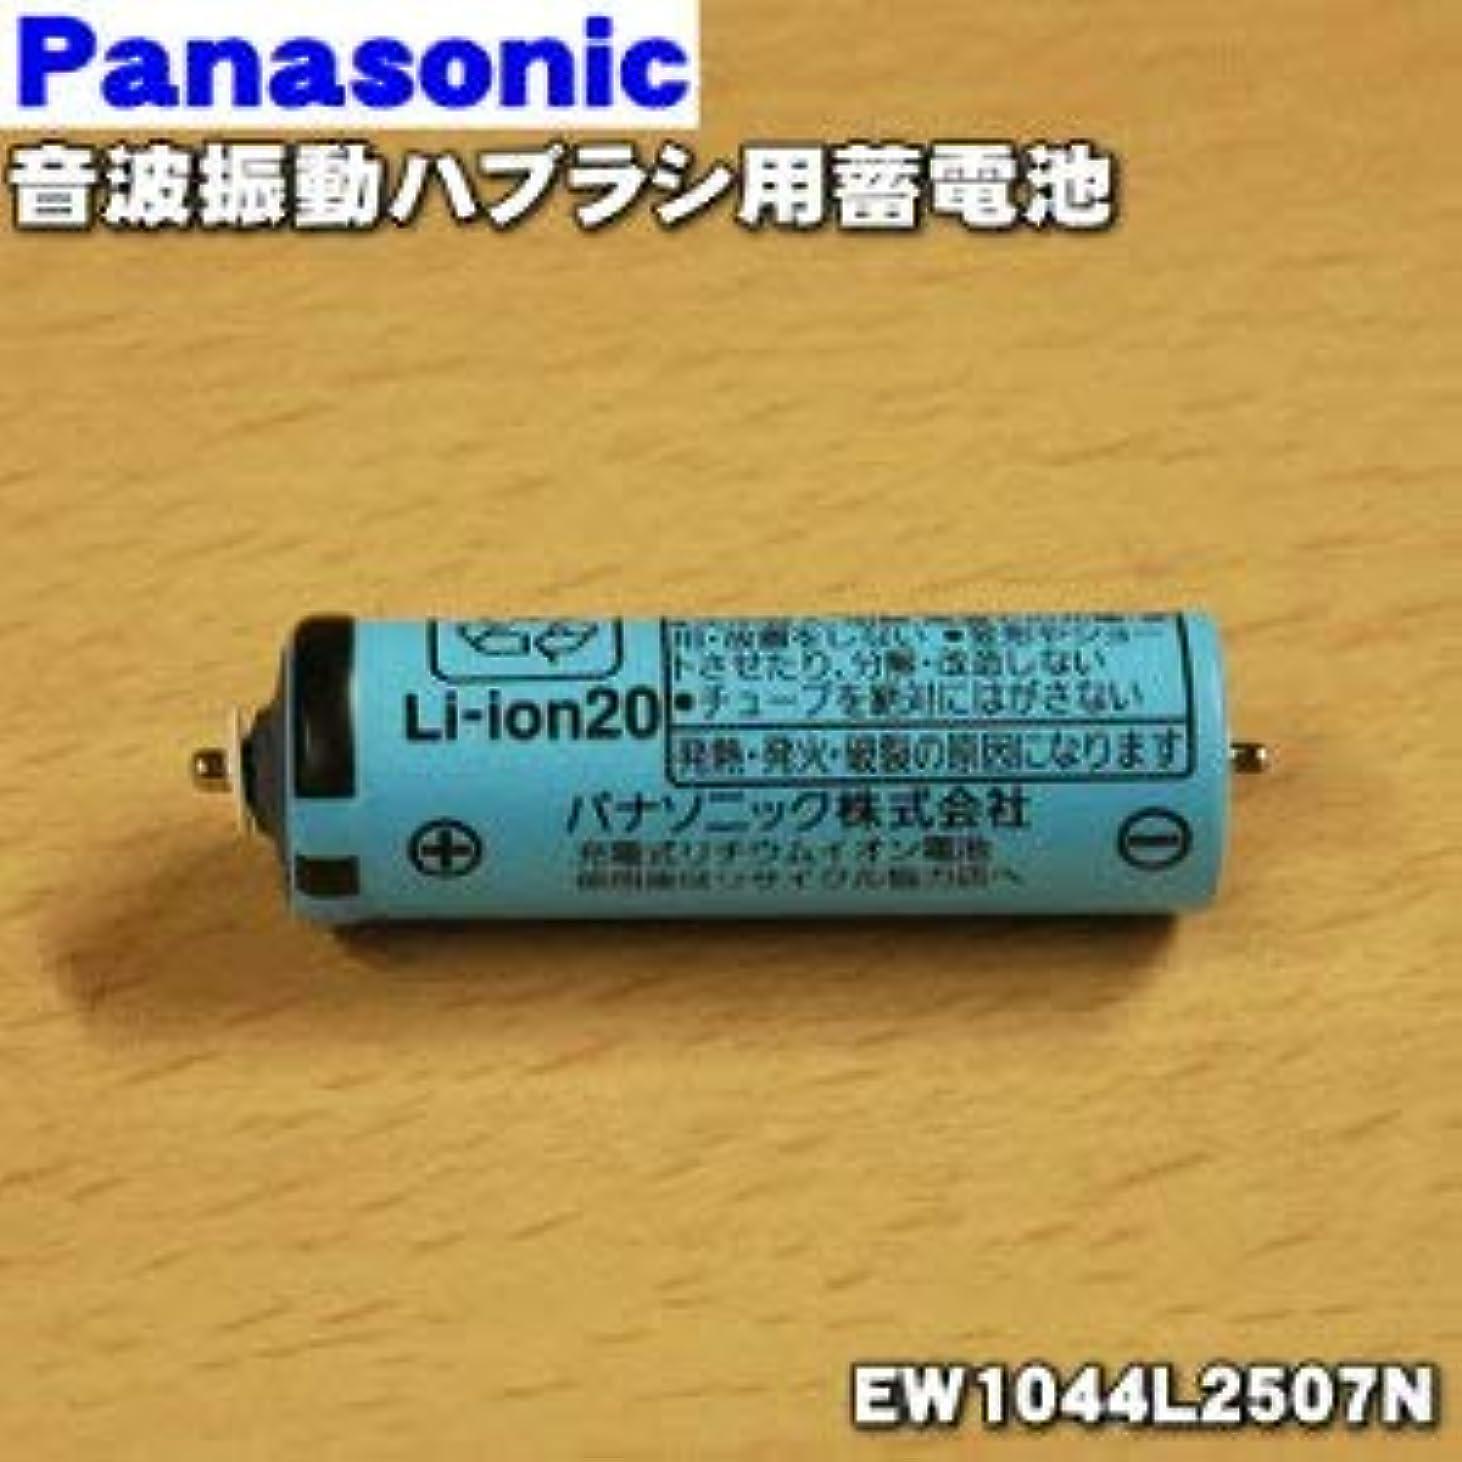 隣人ぎこちない渦ゆうパケット対応品 パナソニック Panasonic 音波振動ハブラシ Doltz 蓄電池交換用蓄電池 EW1044L2507N